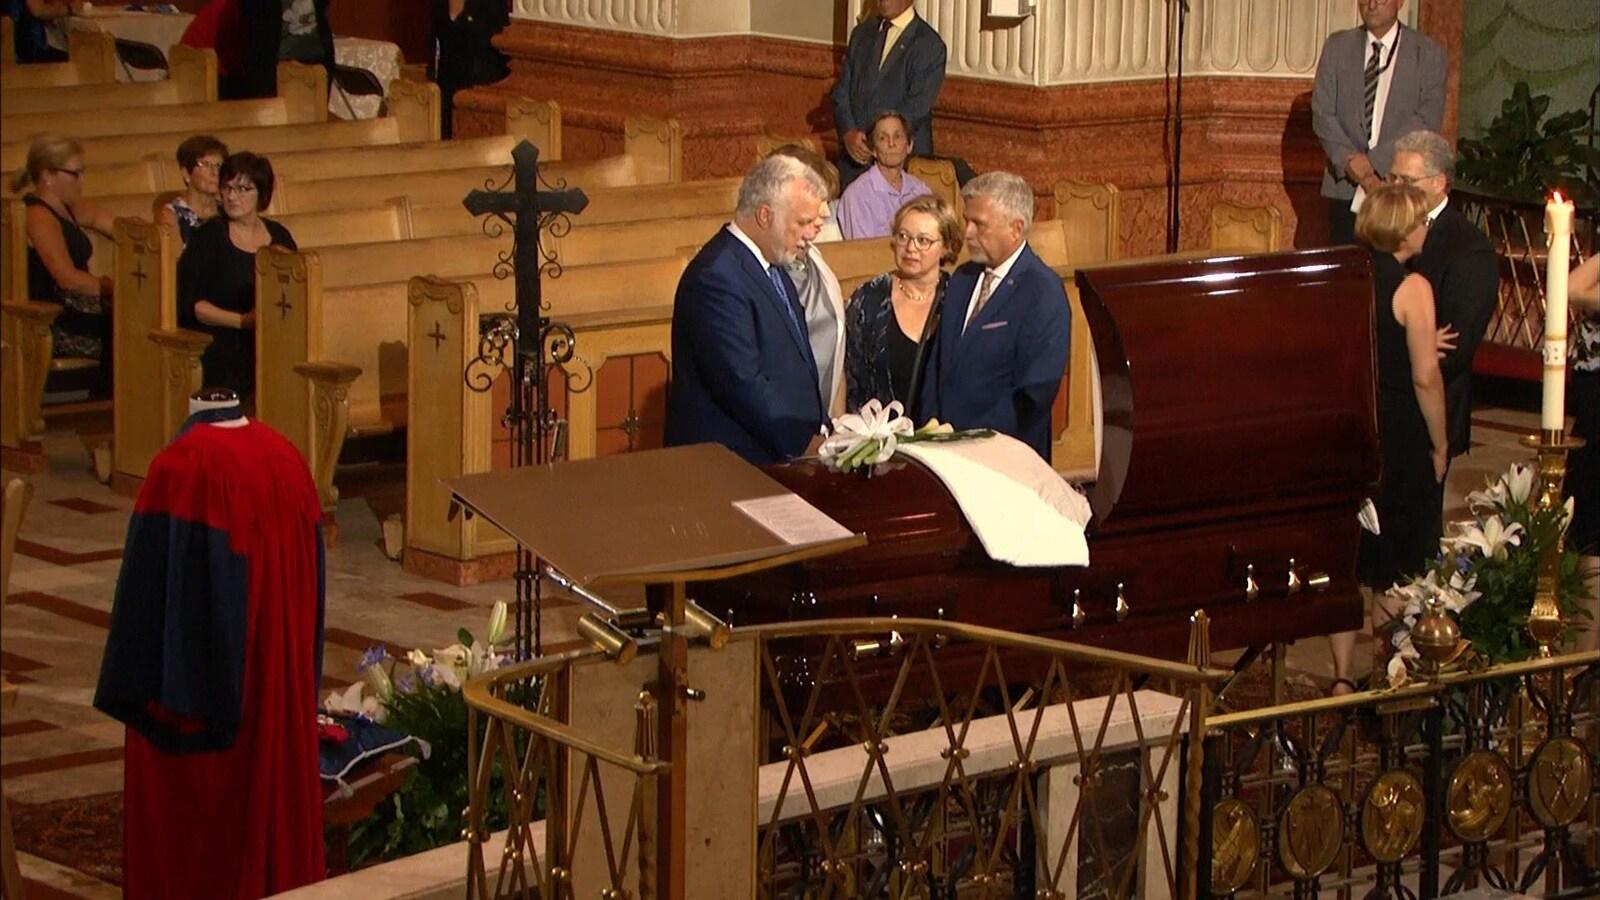 Le premier ministre Philippe Couillard rend hommage à Paul Gérin-Lajoie à la basilique-cathédrale Marie-Reine-du-Monde, à Montréal.